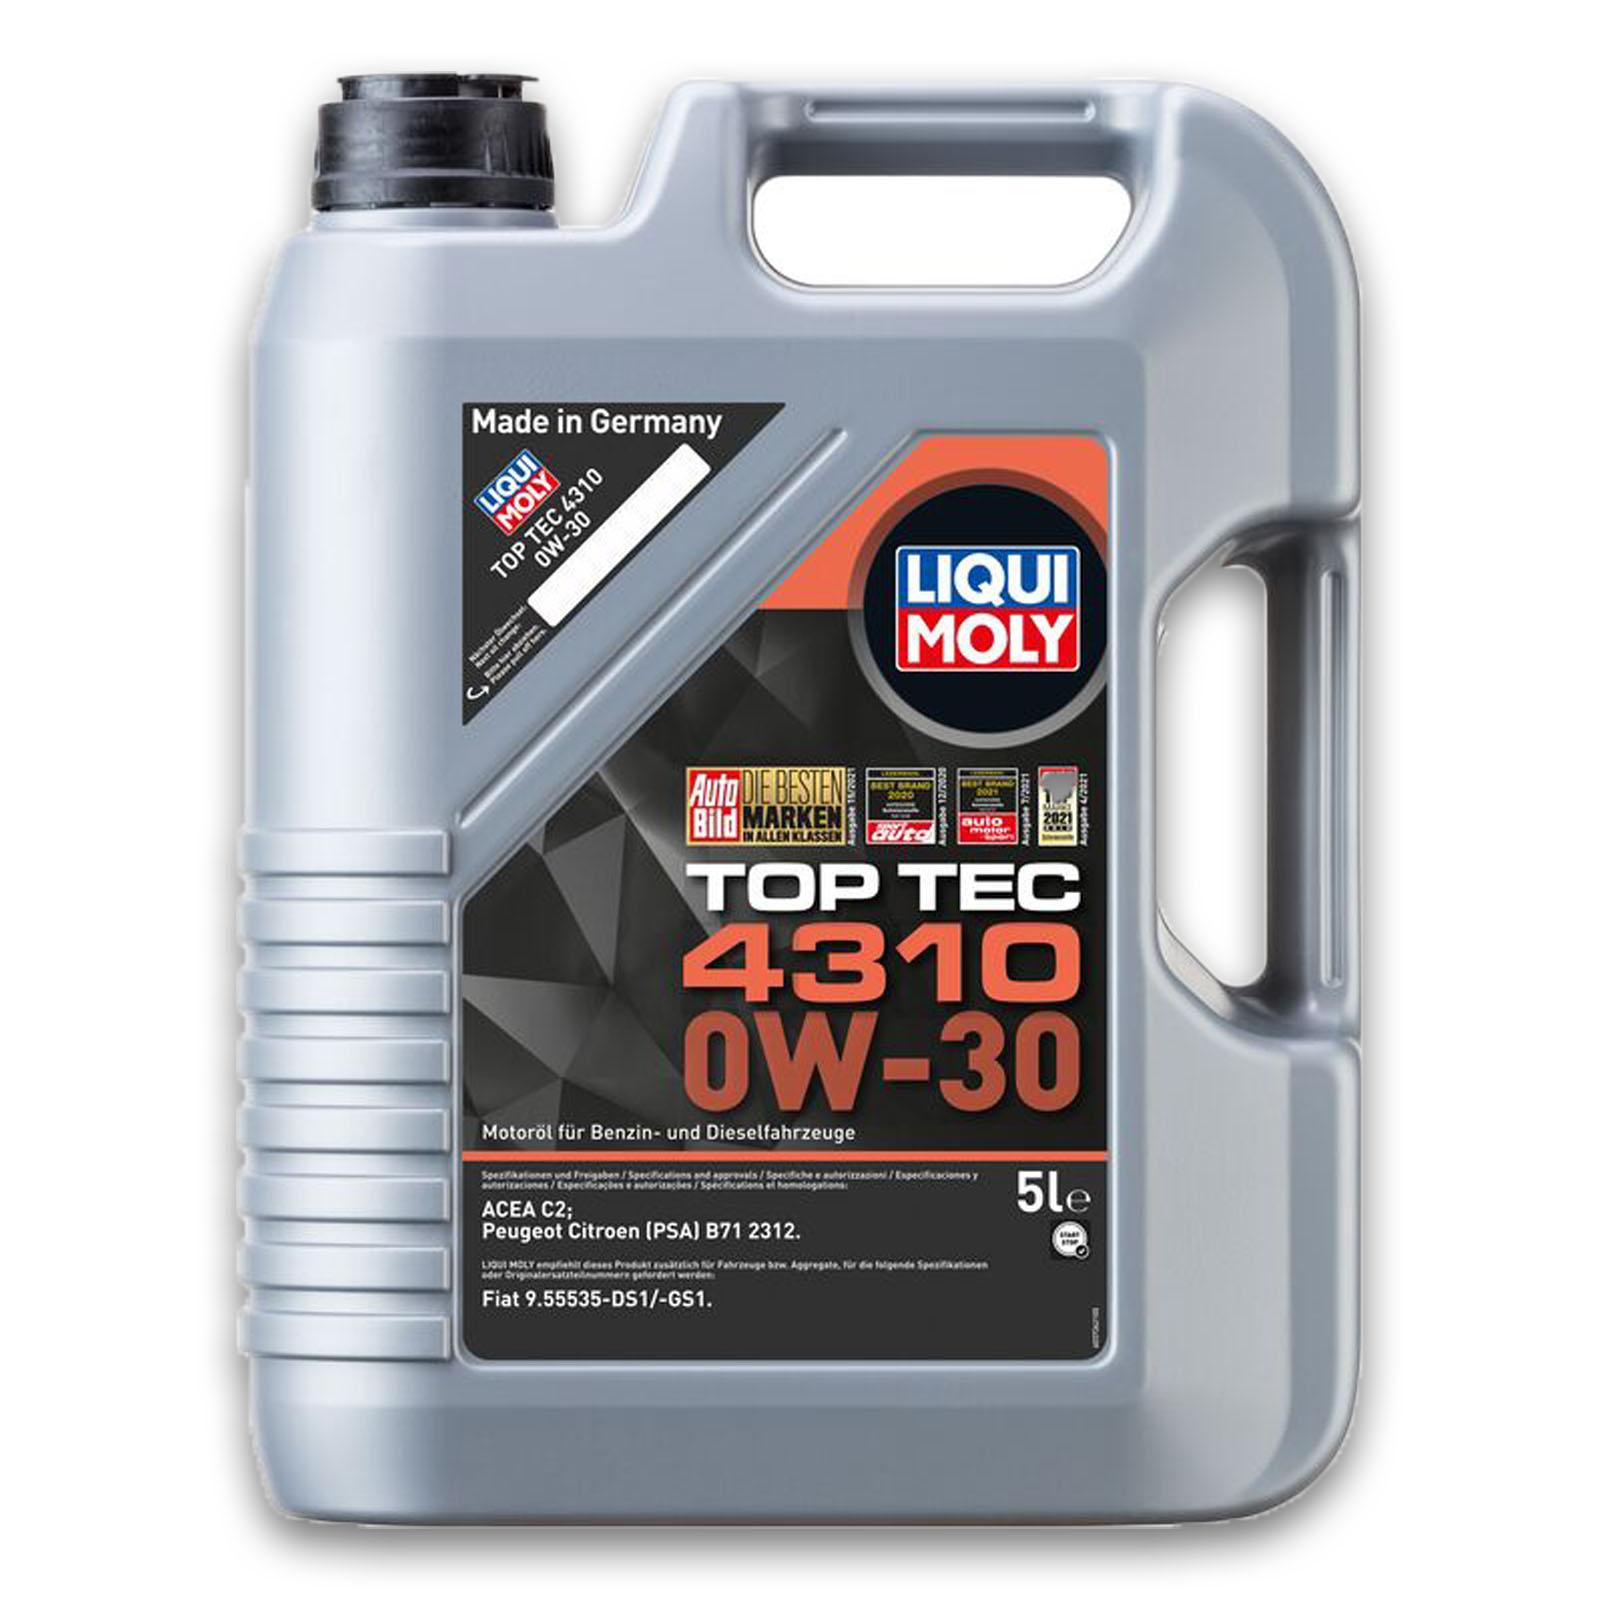 LIQUI MOLY Motoröl Top Tec 4310 0W-30